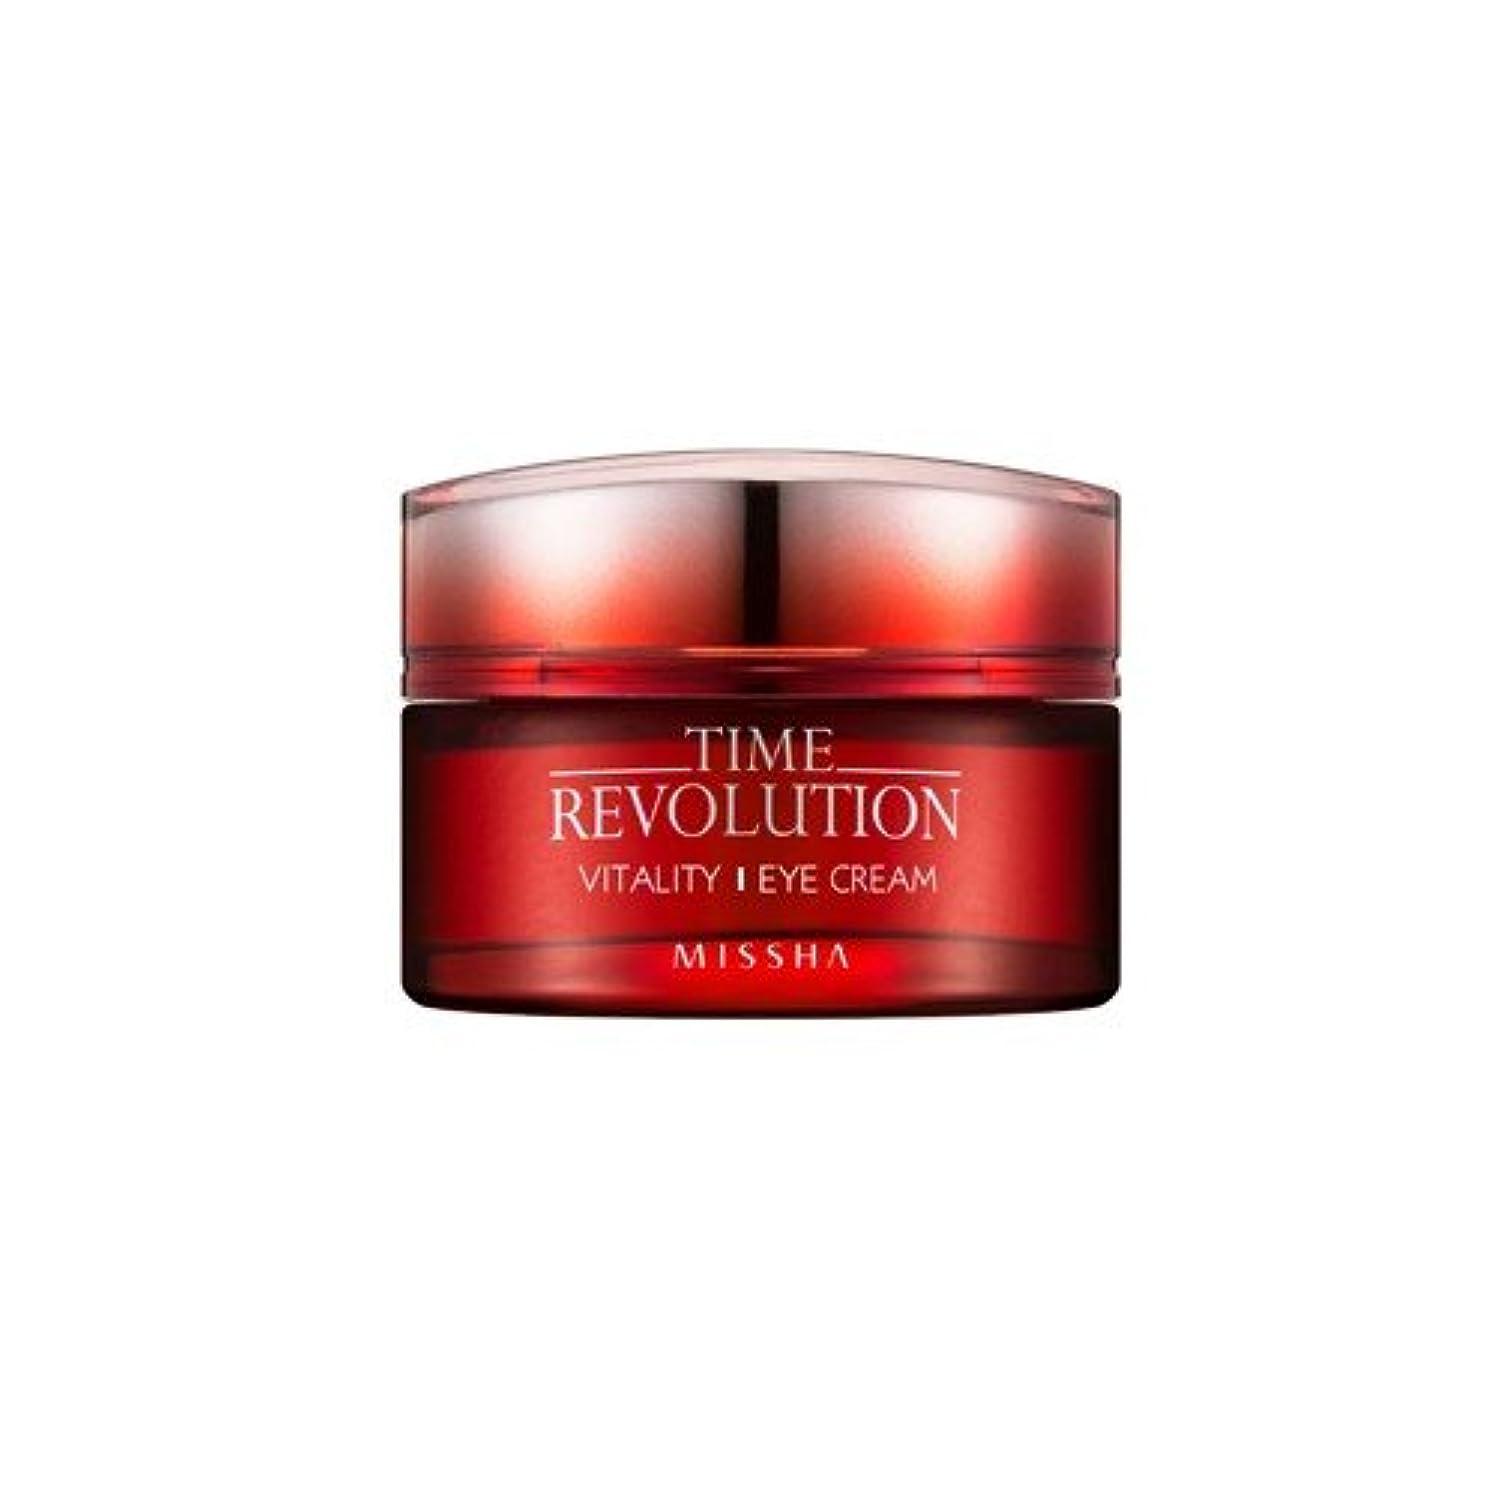 座るギネスファッションMISSHA time revolution vitality eye cream (ミシャ タイムレボリューション バイタリティー アイクリーム)25ml